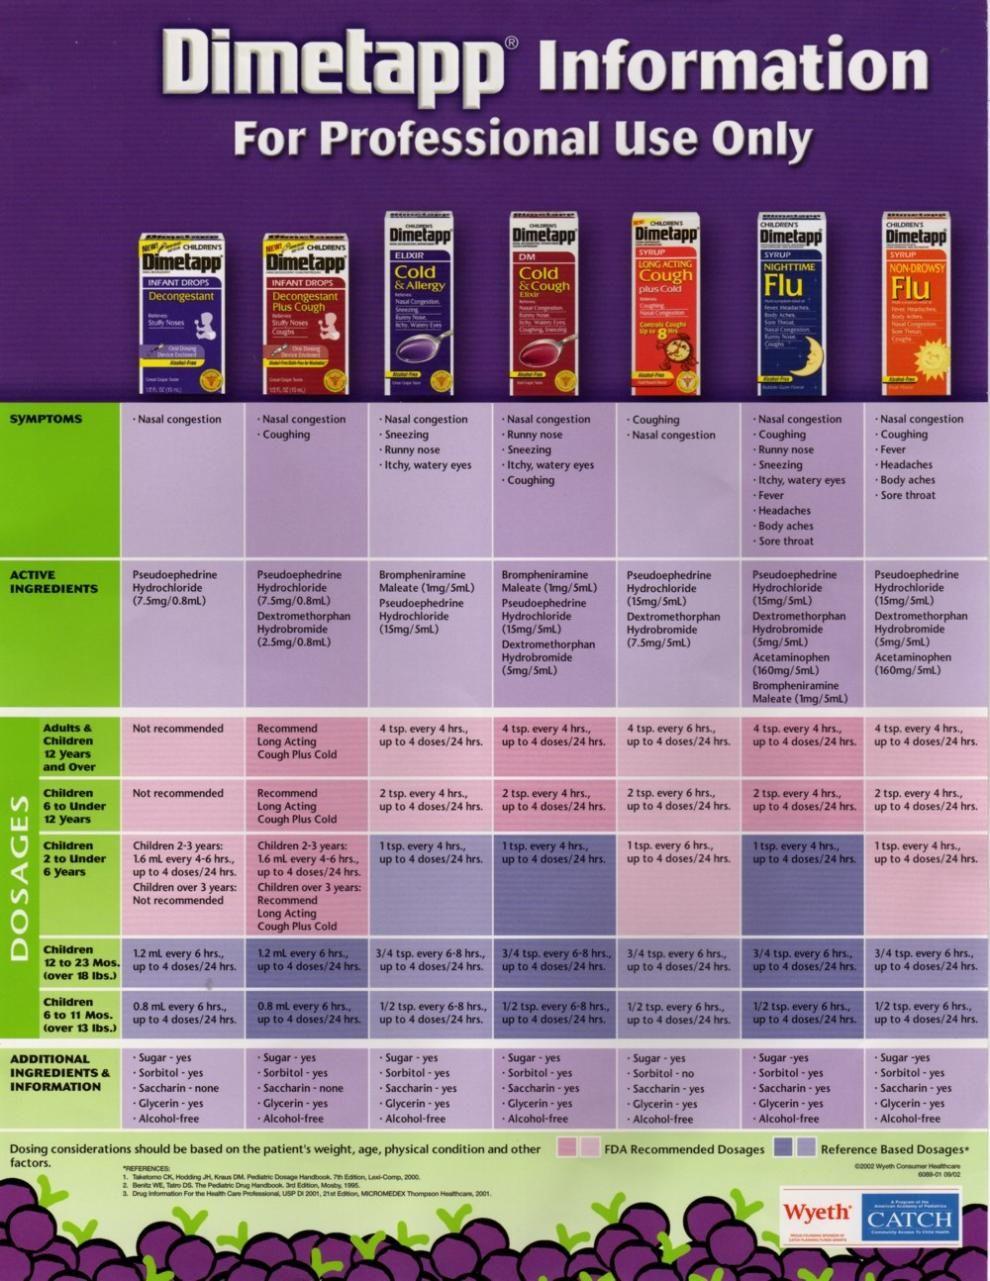 Dimetapp Dosage Chart : dimetapp, dosage, chart, Middle, Georgia, Pediatrics,, L.L.C., INFORMATION, RESOURCES, Children's, Medicine,, Pediatrics